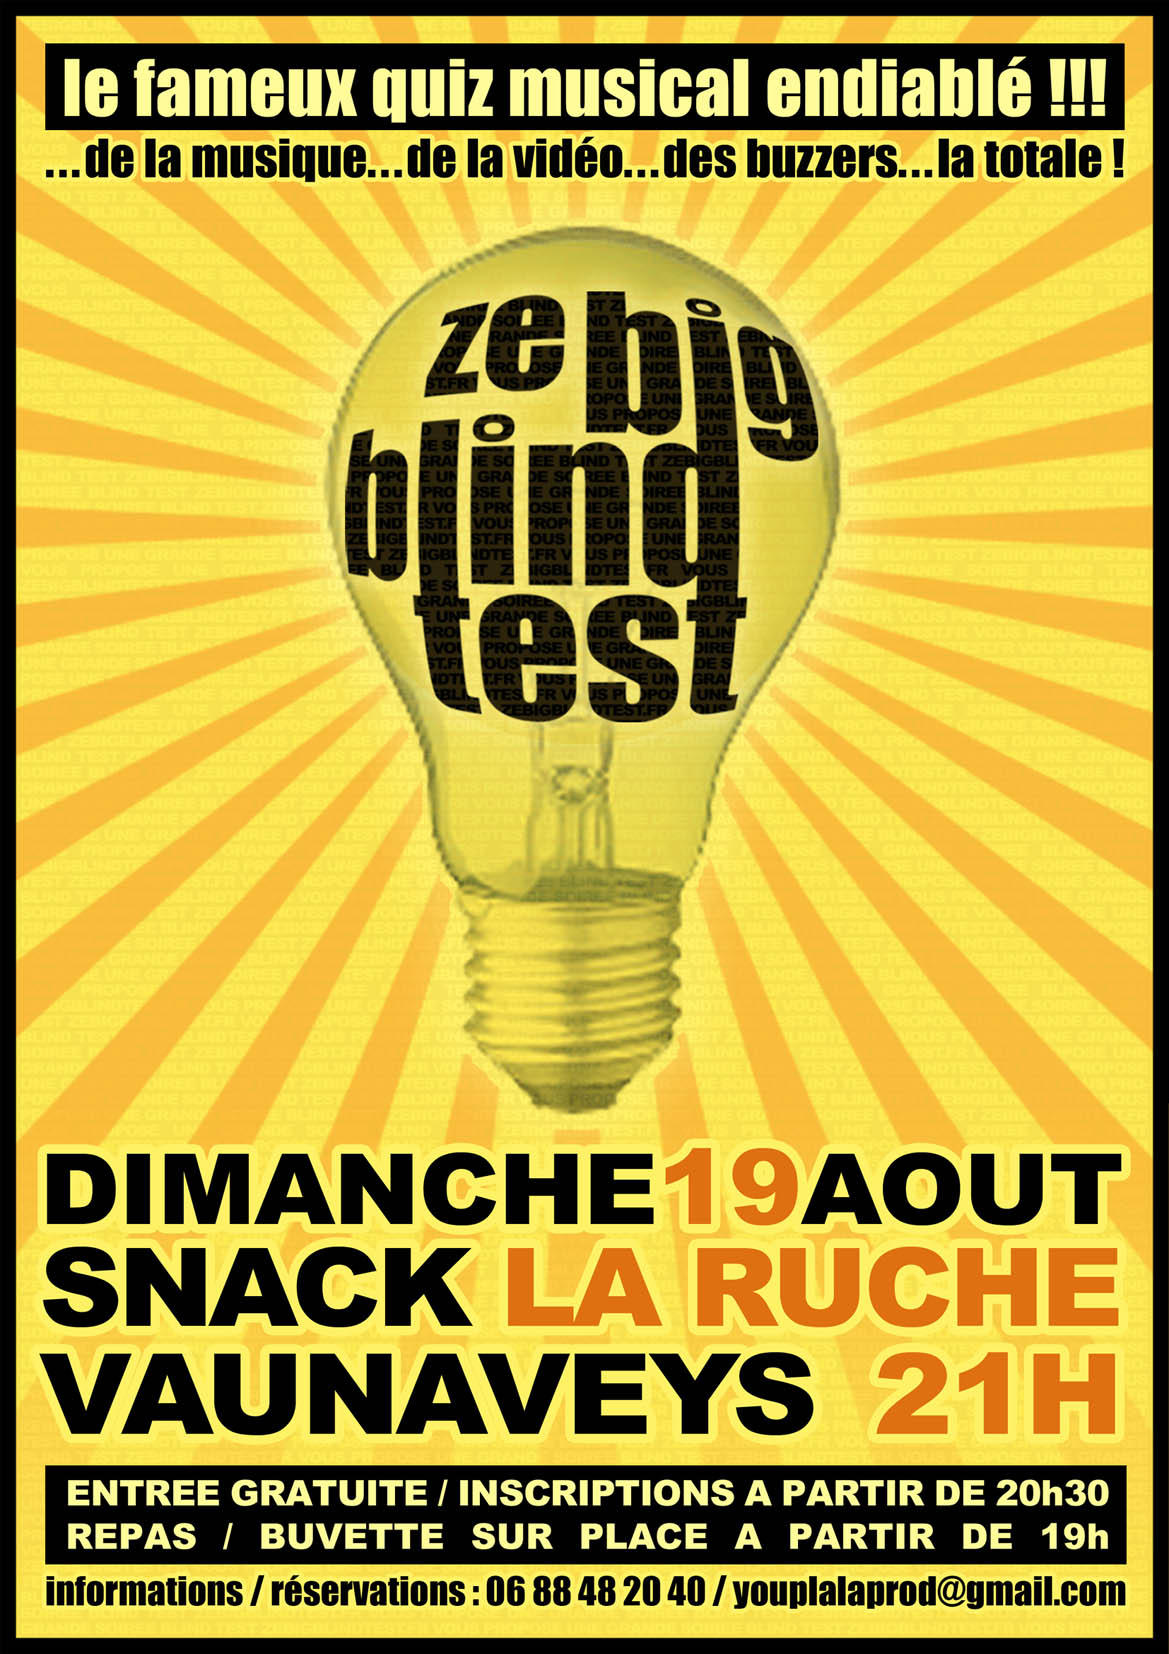 Ze Big Blind Test La Soirée De Jeu Musical concernant Quiz Musical En Ligne